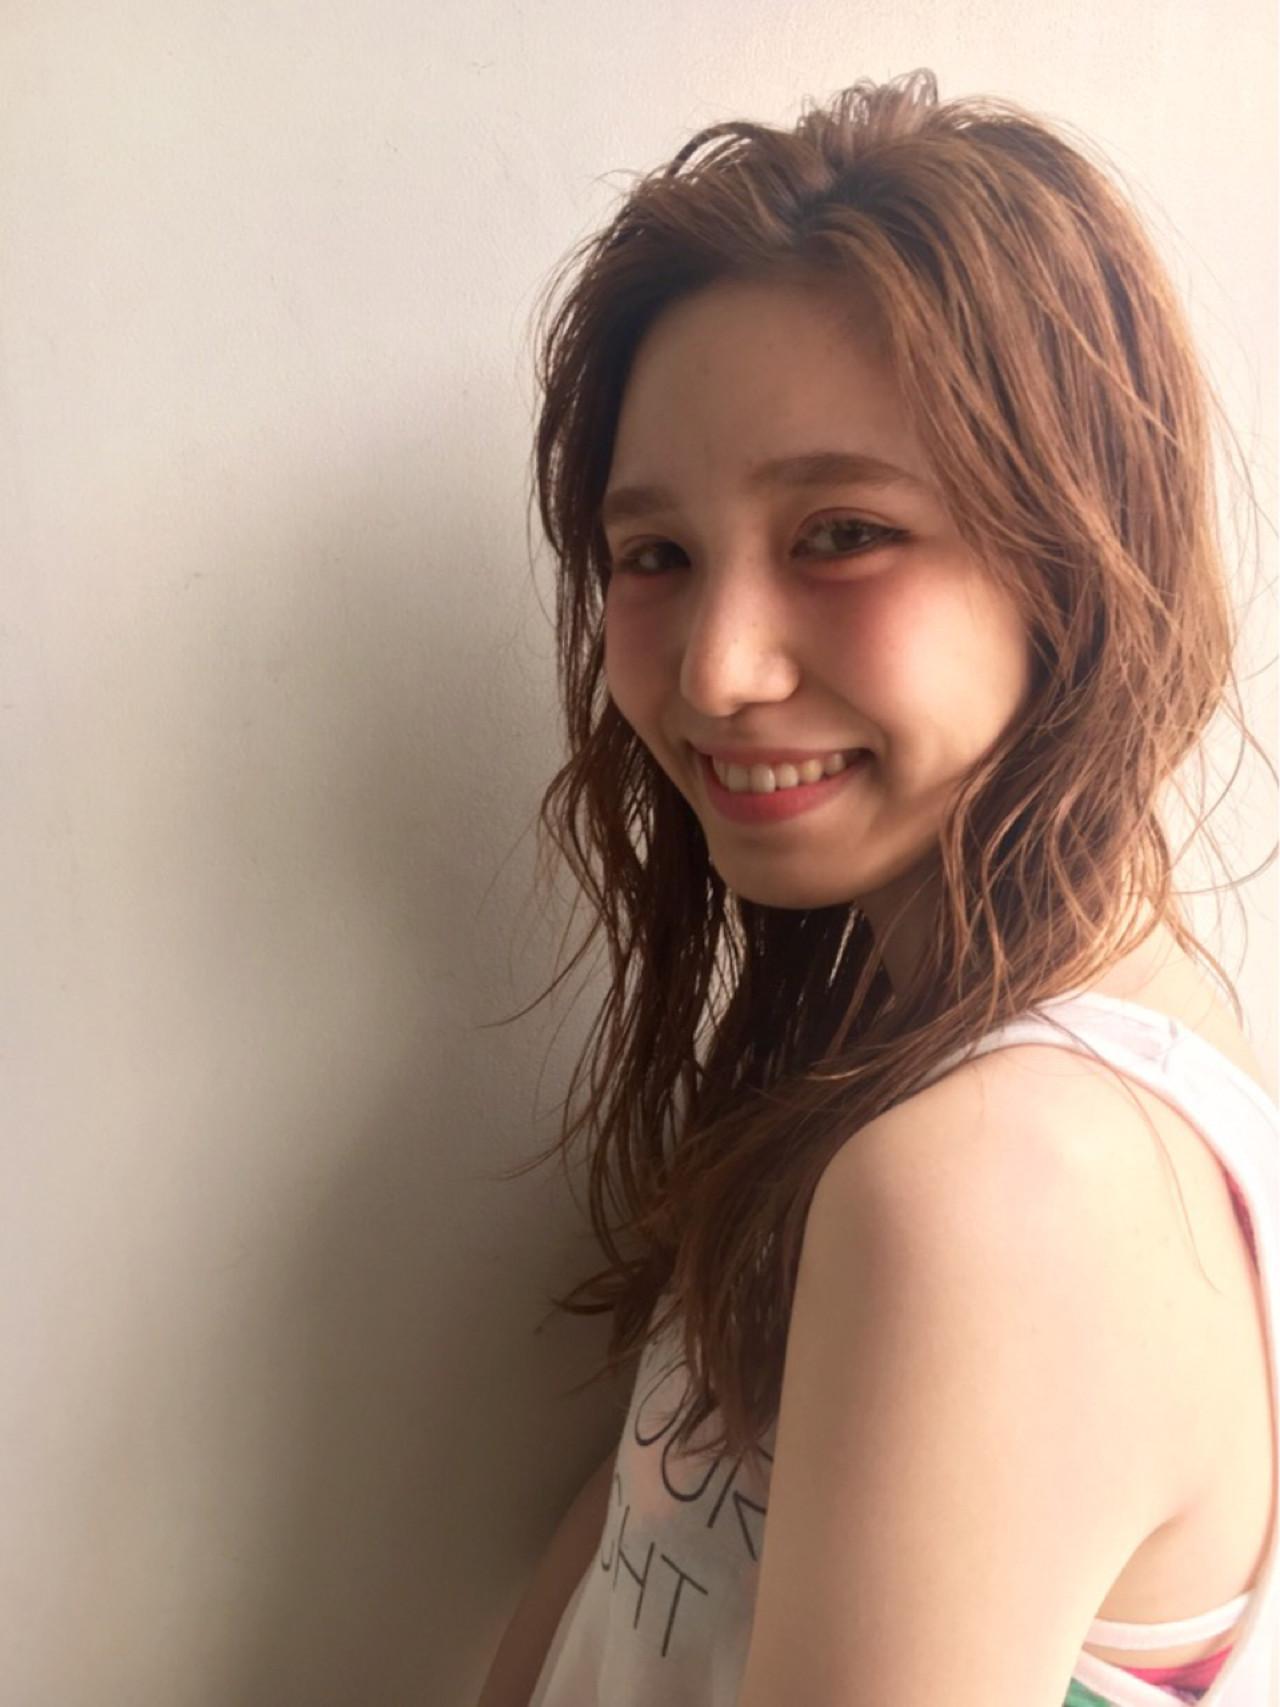 レディース くせ毛風 ゆるふわ 夏 ヘアスタイルや髪型の写真・画像 | 井上博貴 / assort(アソート)